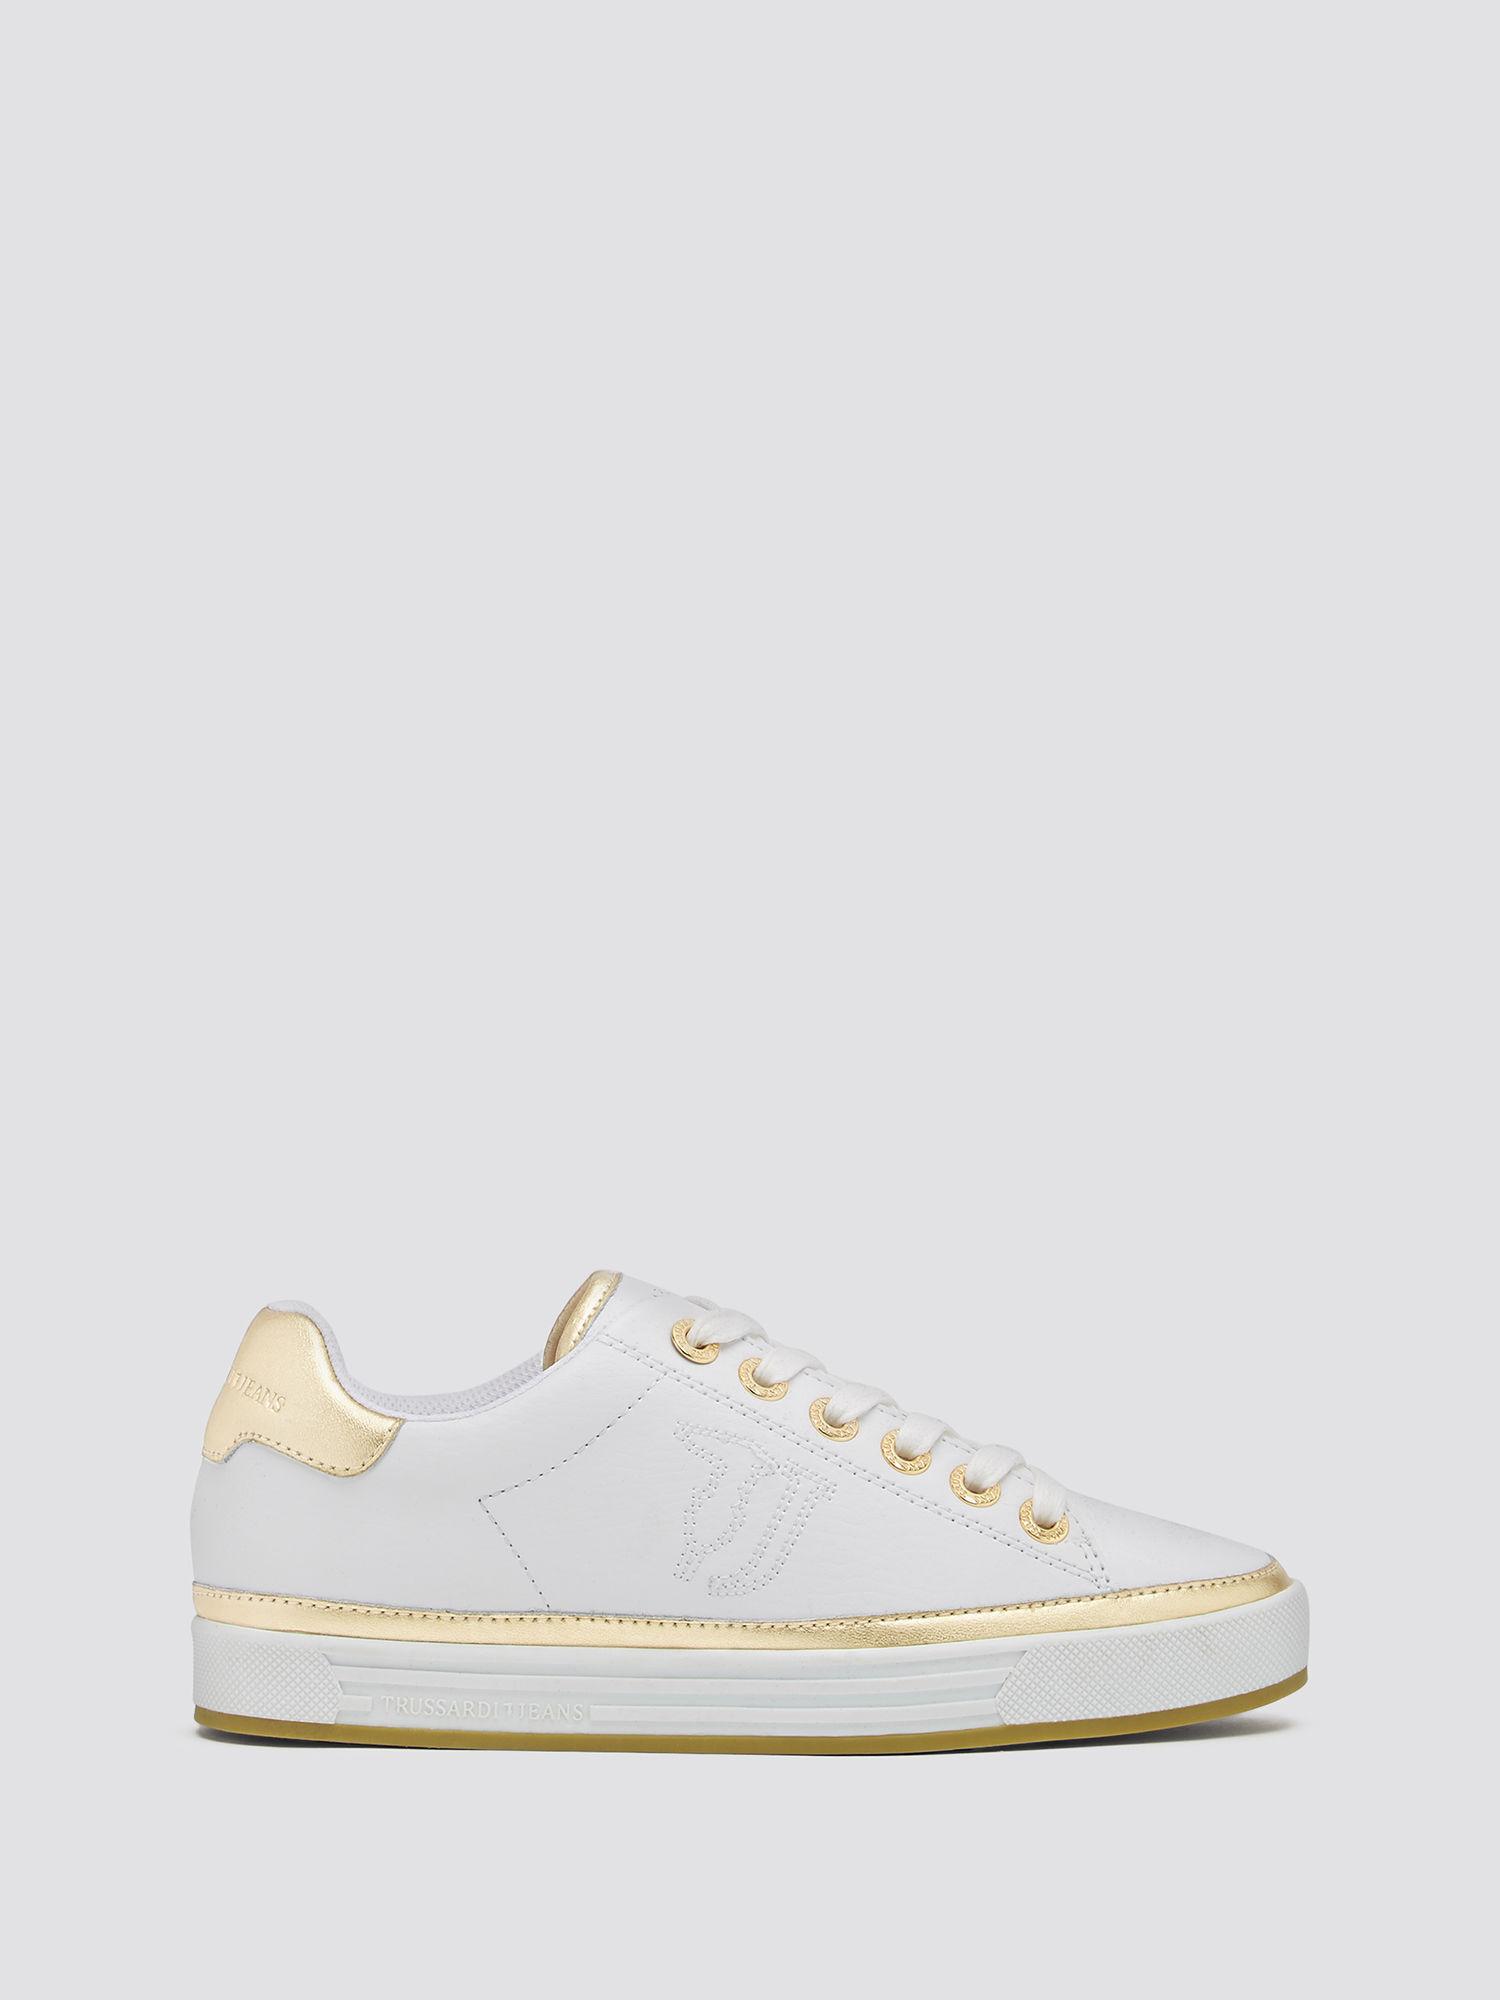 Sneakers a bordures et logo brode